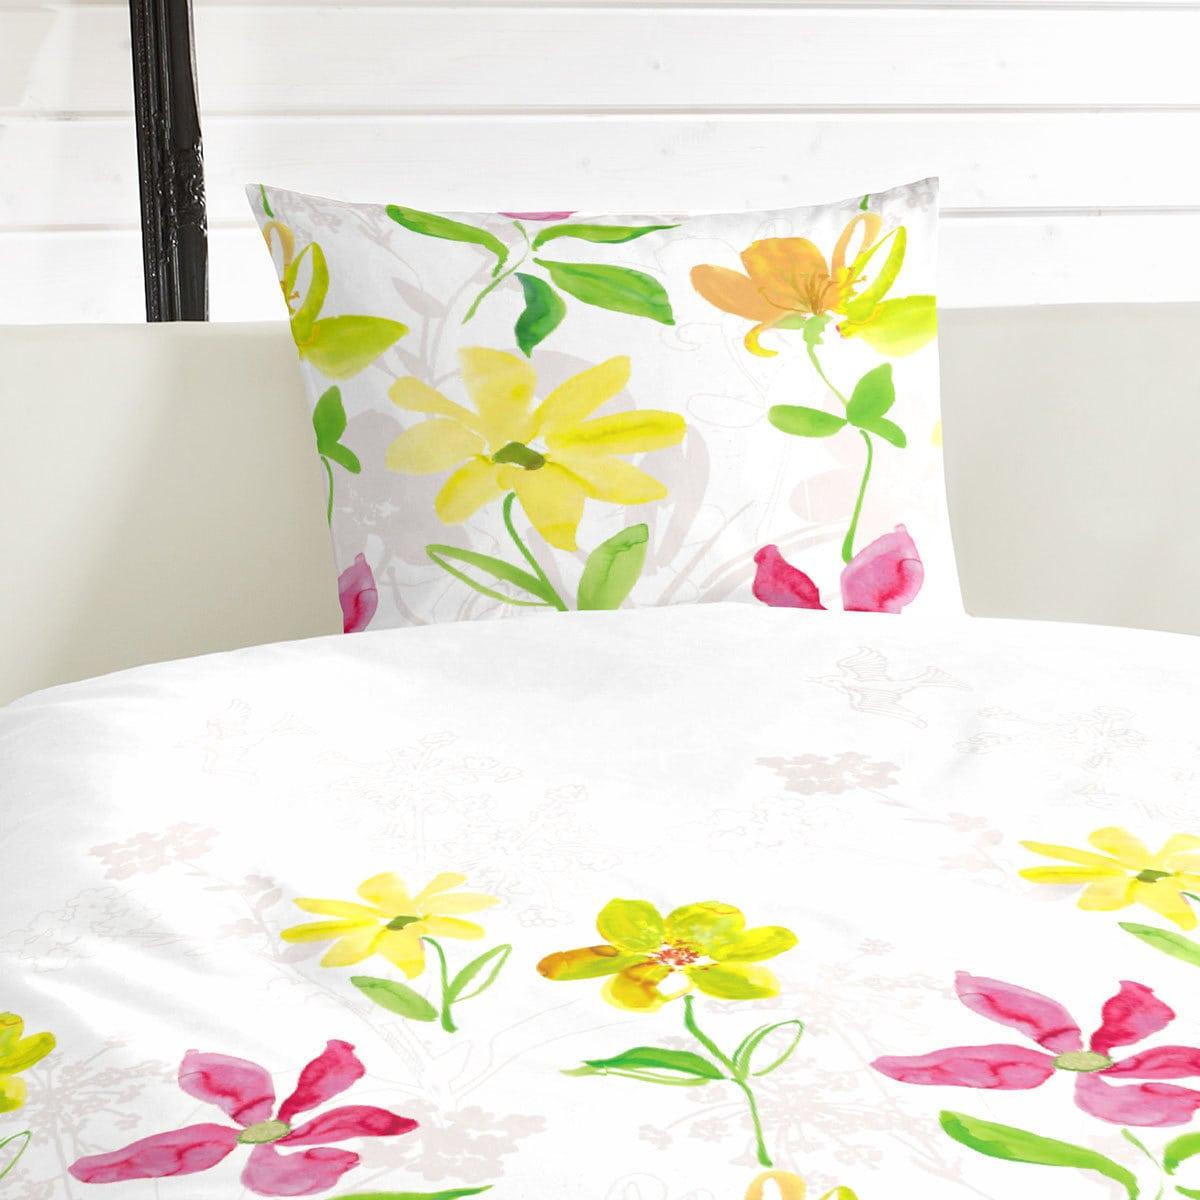 hahn renforc bettw sche blumen bunt g nstig online kaufen bei bettwaren shop. Black Bedroom Furniture Sets. Home Design Ideas